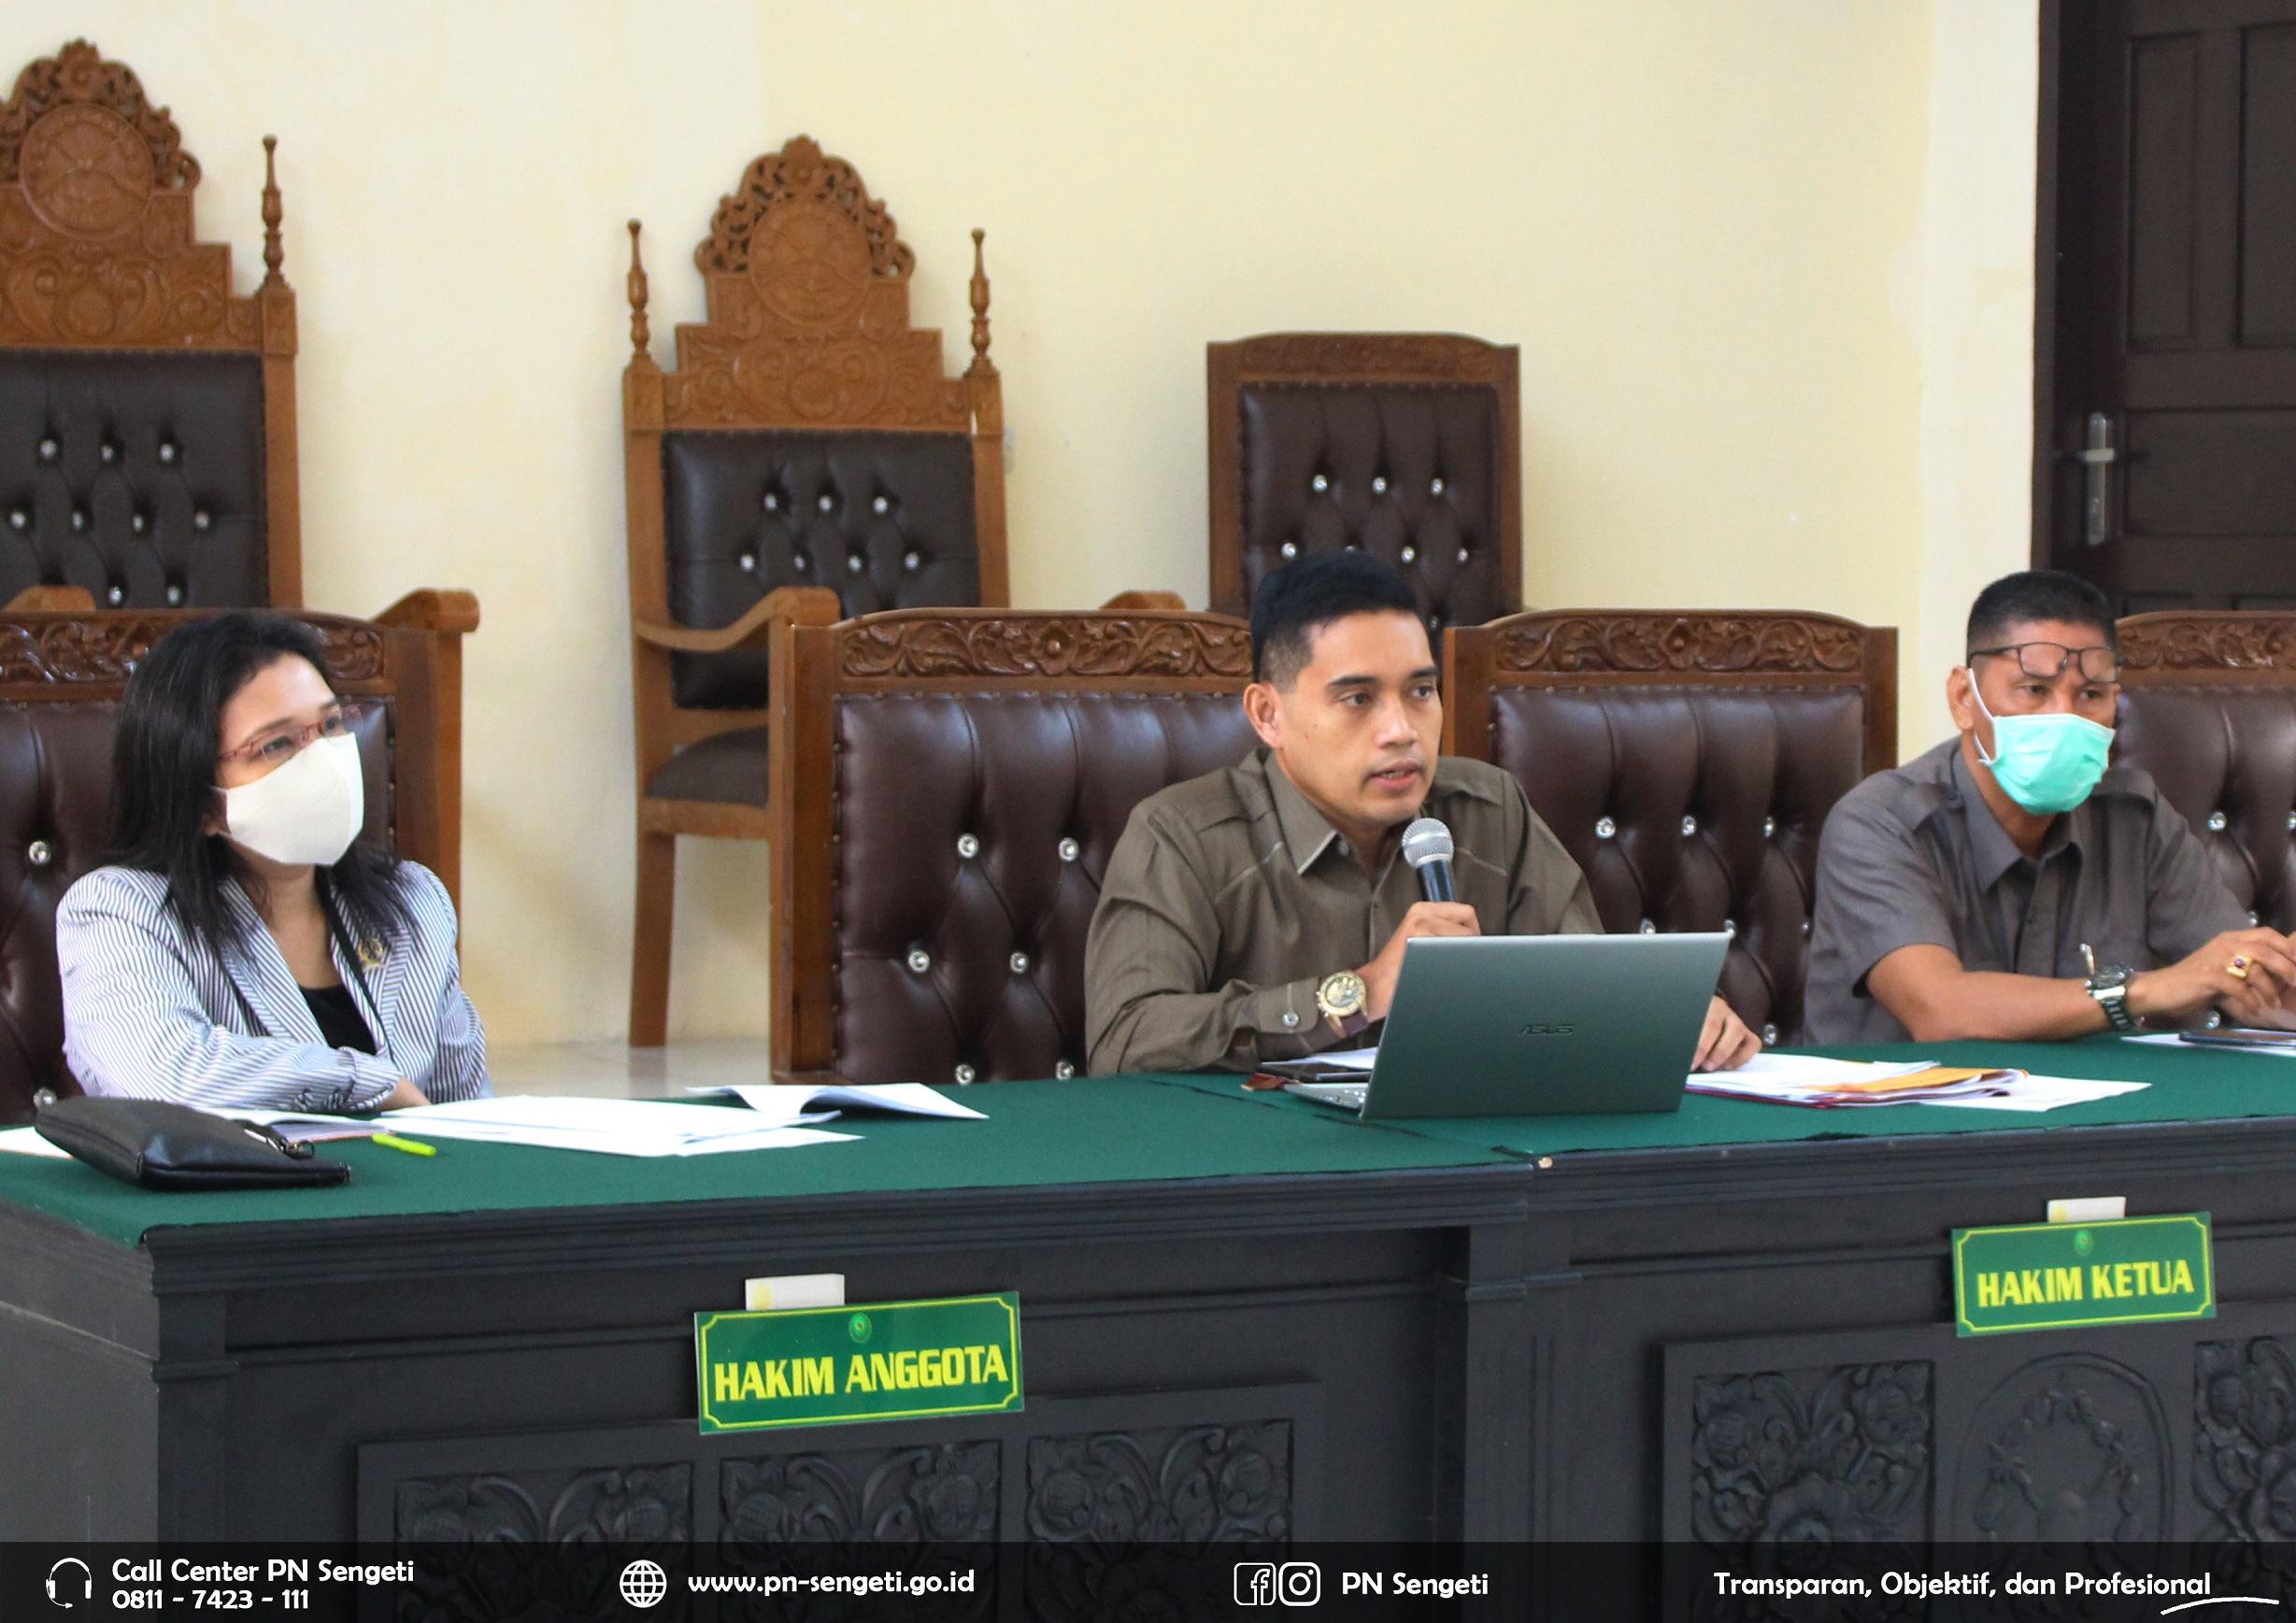 Rapat Tinjauan Manajemen Pengadilan Negeri Sengeti Kelas II